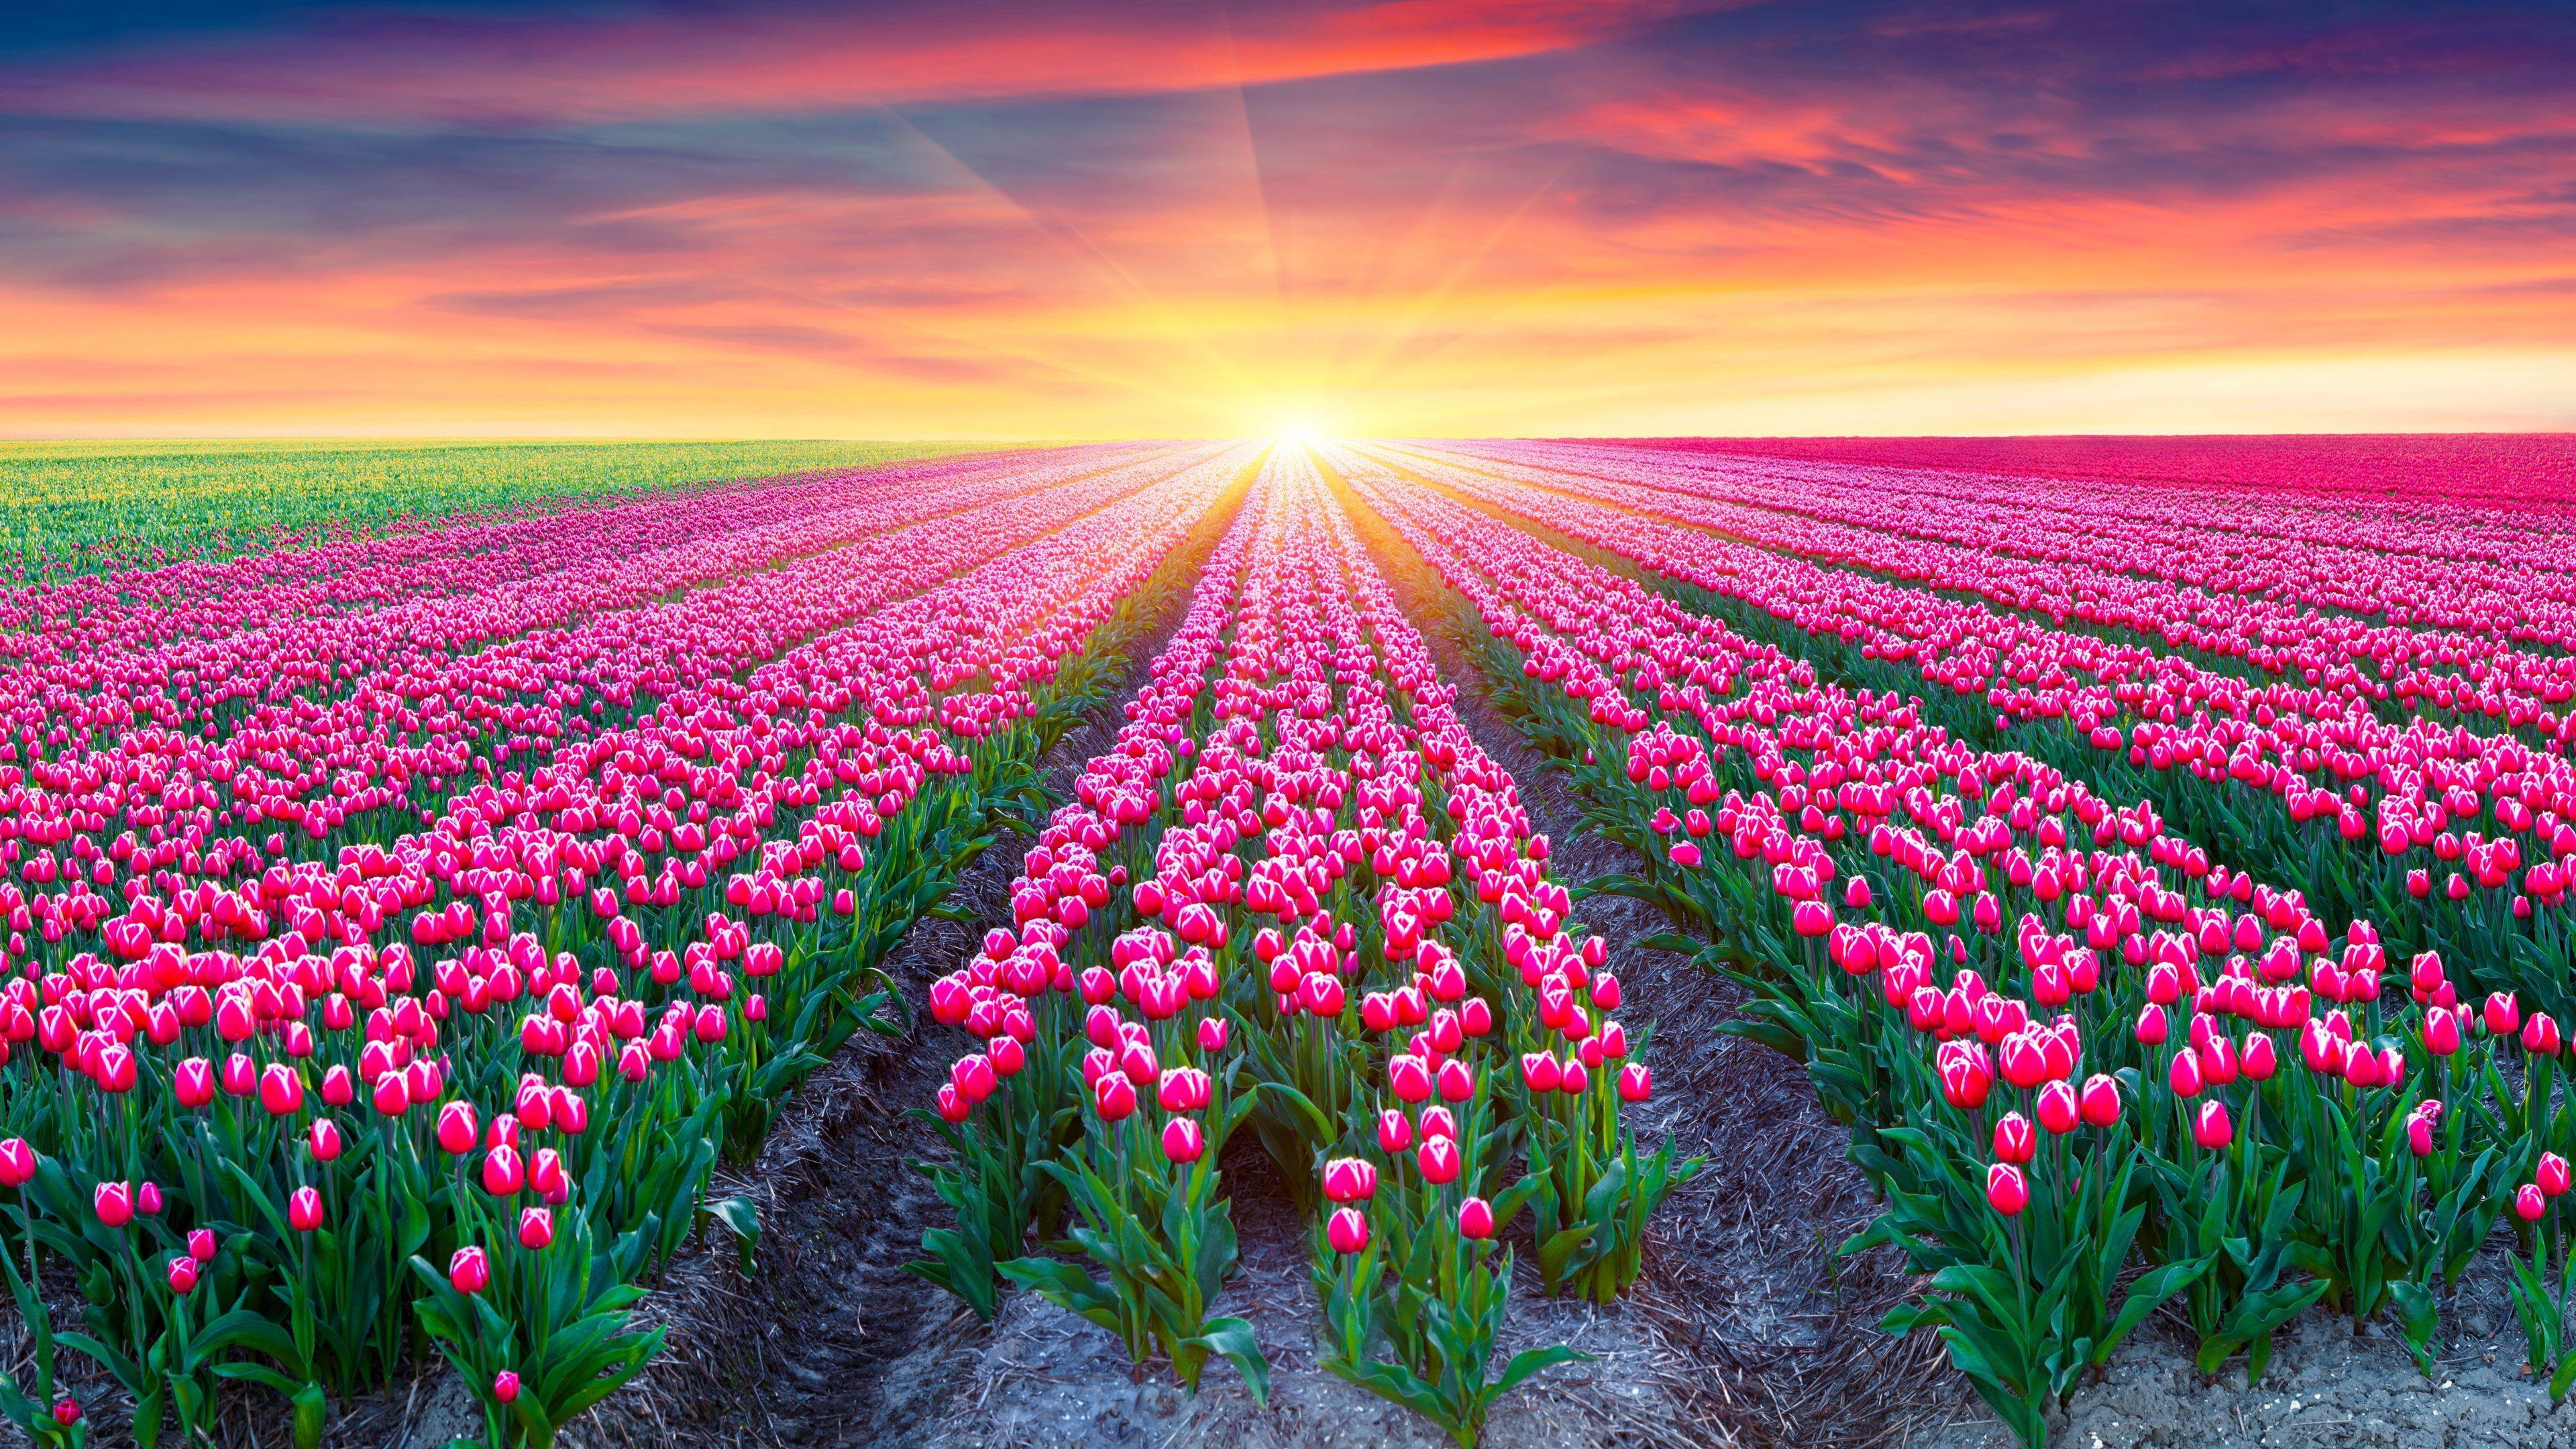 Tulip Fields Of Beautiful Flowers Wallpaper Hd Free Download Flower Field Field Wallpaper Tulip Fields